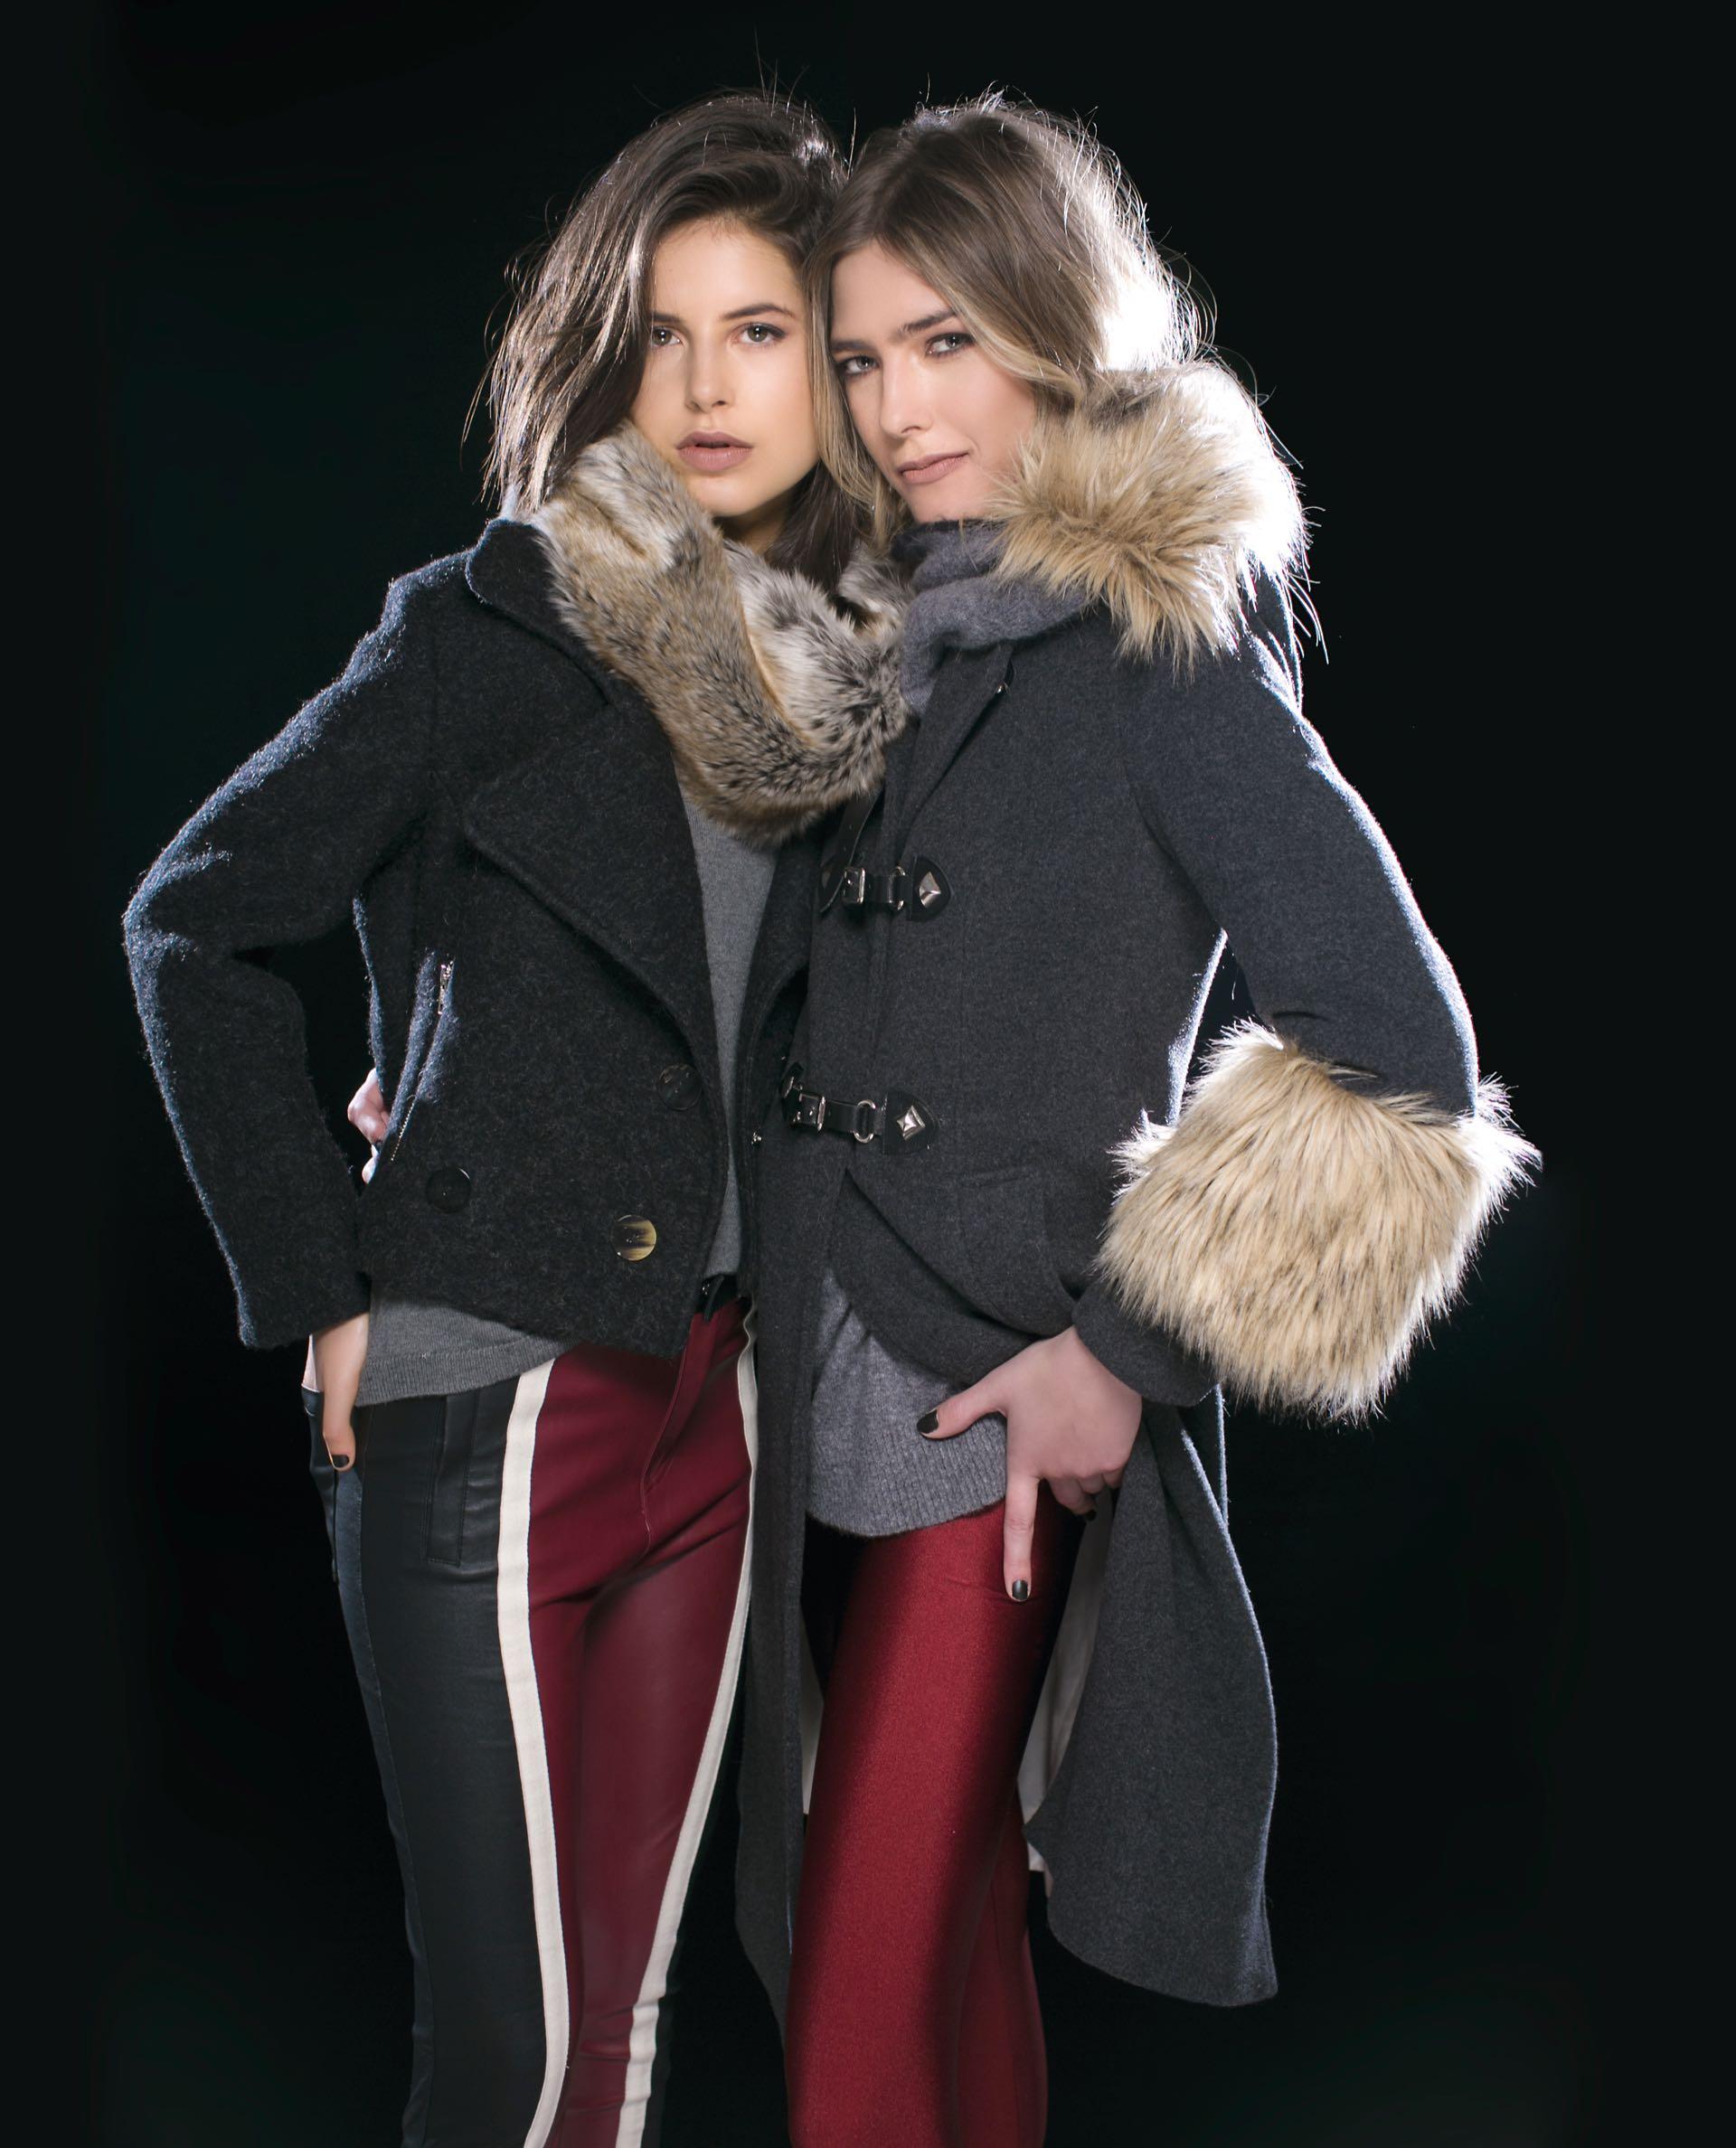 Gabi: chaqueta de bouclé y pantalón de cuero (antes $ 9.340, AHORA $ 7.480 y antes $ 2.560, AHORA $ 1.980, Mishka), suéter de lana con apliques de perlas (antes $ 2.700, AHORA $ 1.925, Wanama) y cuello de piel sintética (antes $ 2.800, AHORA $ 2.100, Vitamina). Milena: tapado de paño con cuello y puños de piel sintética (antes $ 9.800, AHORA $ 6.500, Uma) y suéter polera bicolor (antes $ 3.700, AHORA $ 2.300, Vitamina).(Foto: Sebastián Cid/ Para Ti)